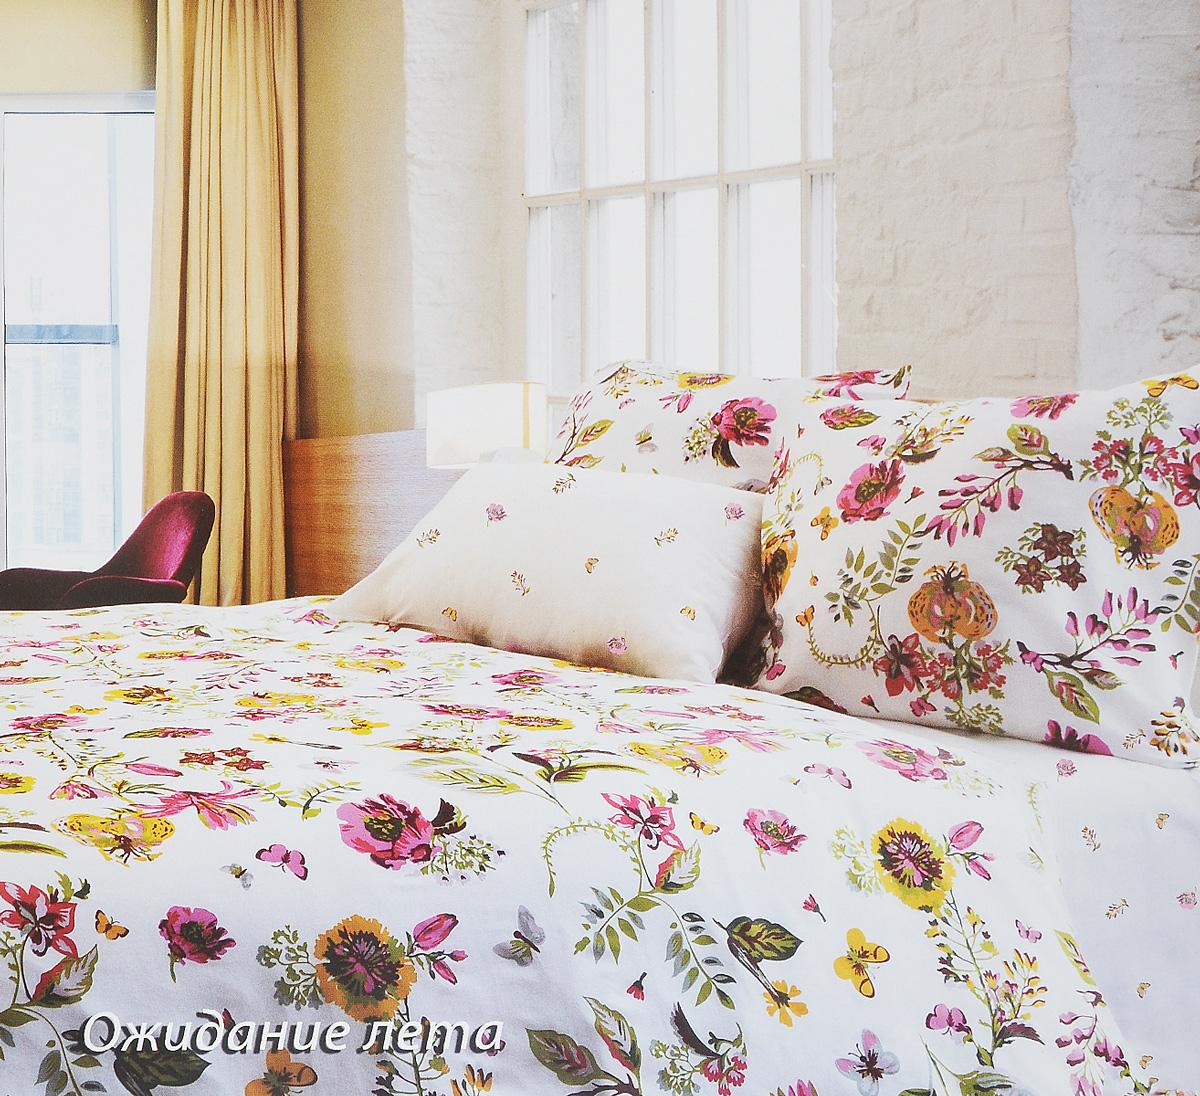 Комплект белья Tiffanys Secret Ожидание лета, евро, наволочки 50х70, цвет: белый, розовый, желтый2040816126Комплект постельного белья Tiffanys Secret Ожидание лета является экологически безопасным для всей семьи, так как выполнен из сатина (100% хлопок). Комплект состоит из пододеяльника, простыни и двух наволочек. Предметы комплекта оформлены оригинальным рисунком. Благодаря такому комплекту постельного белья вы сможете создать атмосферу уюта и комфорта в вашей спальне. Сатин - это ткань, навсегда покорившая сердца человечества. Ценившие роскошь персы называли ее атлас, а искушенные в прекрасном французы - сатин. Секрет высококачественного сатина в безупречности всего технологического процесса. Эту благородную ткань делают только из отборной натуральной пряжи, которую получают из самого лучшего тонковолокнистого хлопка. Благодаря использованию самой тонкой хлопковой нити получается необычайно мягкое и нежное полотно. Сатиновое постельное белье превращает жаркие летние ночи в прохладные и освежающие, а холодные зимние - в теплые и согревающие. ...